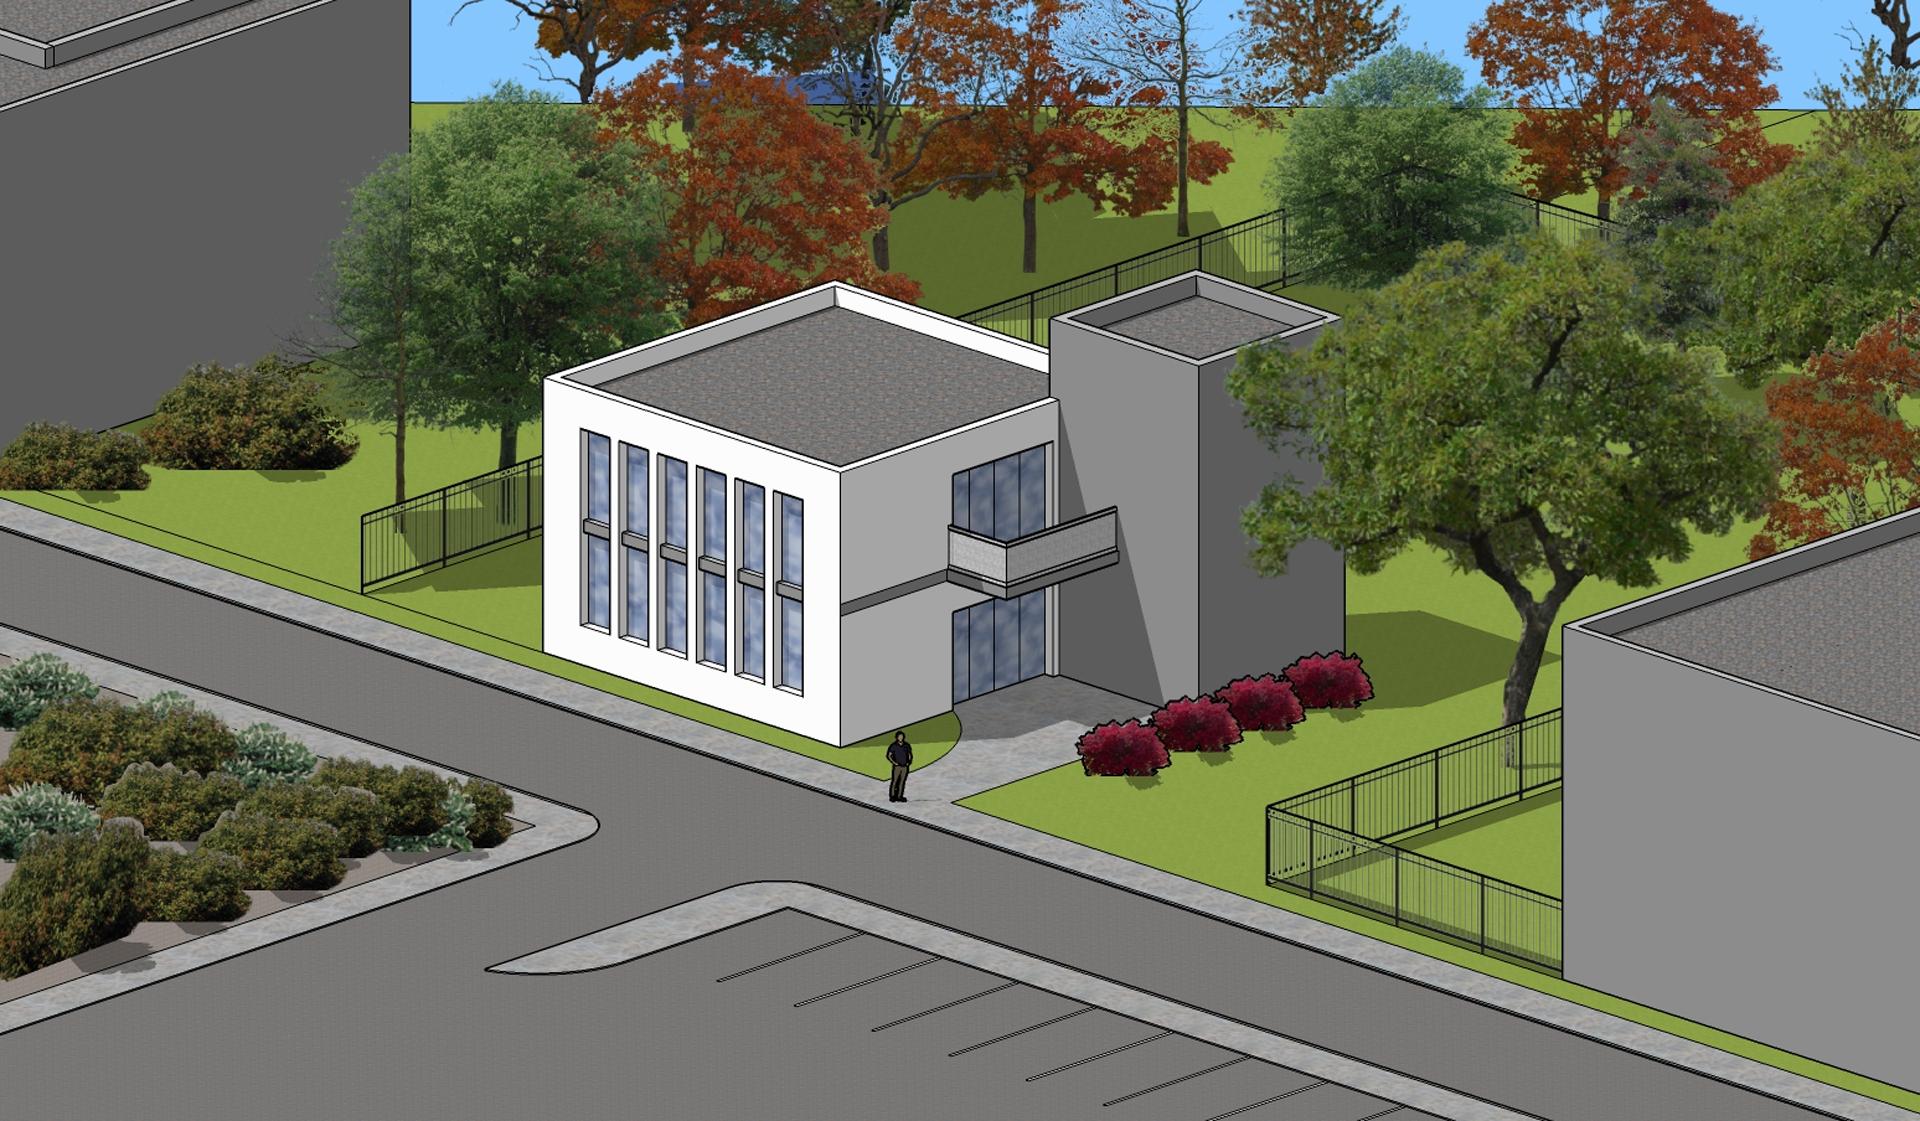 Ilustracja przedstawia komputerowy rysunek przestrzenny, ukazujący budynek złożony zdwóch brył prostopadłościanów. Obiekty usytuowane są przy ulicy, wotoczeniu trawników idrzew. Po lewej znajduje się biały budynek zwysokimi okami ipłaskim, szarym dachem. Do niego przystaje wyższy, szary budynek bez okien. Wpobliżu znajdują się fragmenty innych zabudowań.